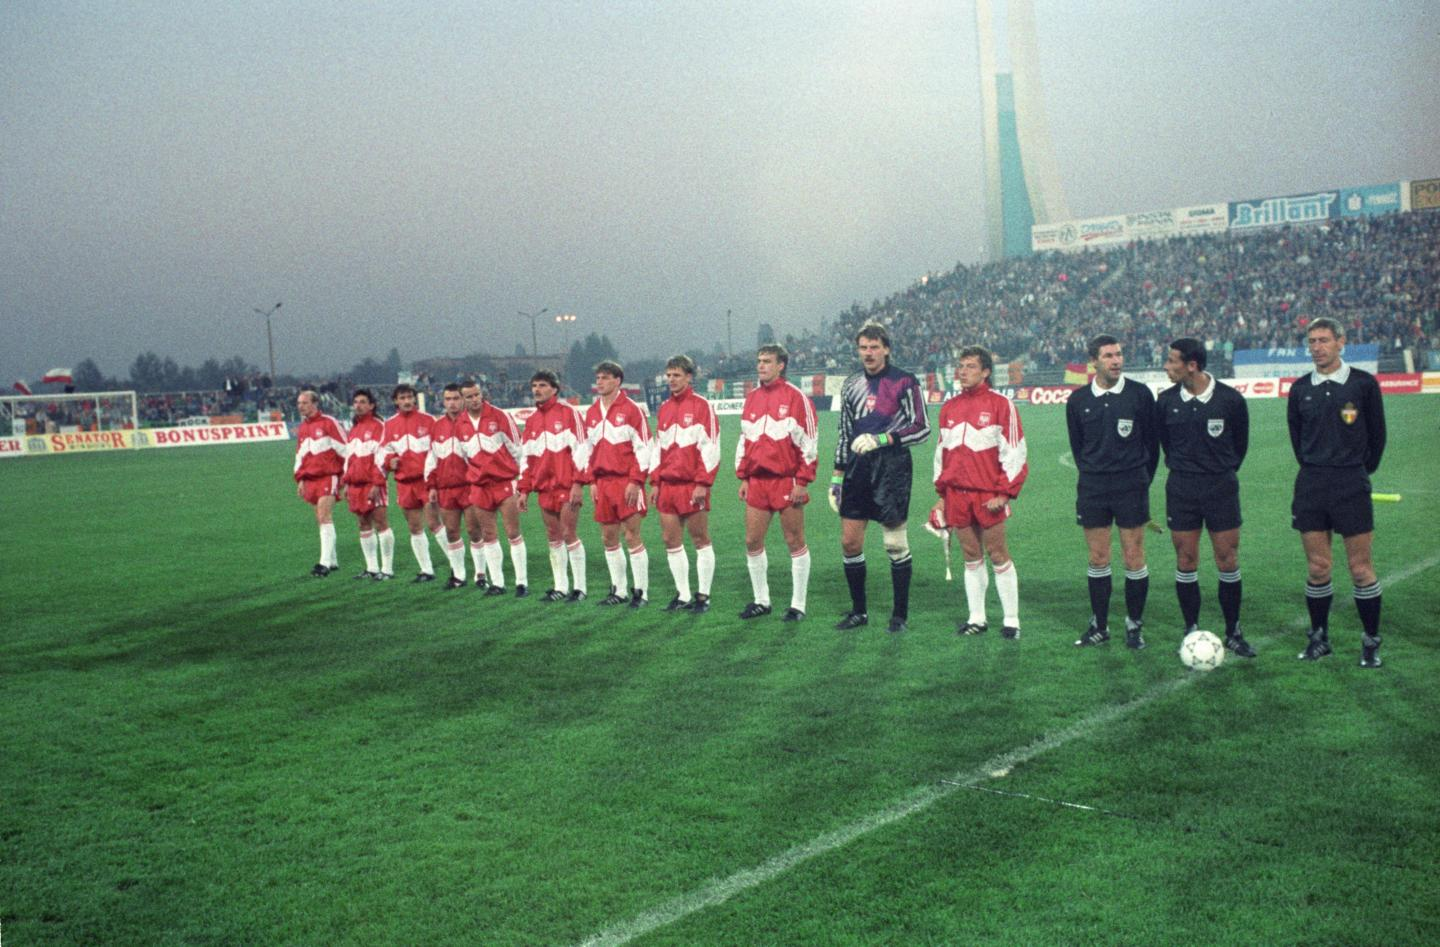 Reprezentacja Polski przed meczem z Irlandią na stadionie Lecha w Poznaniu w 1991 roku.